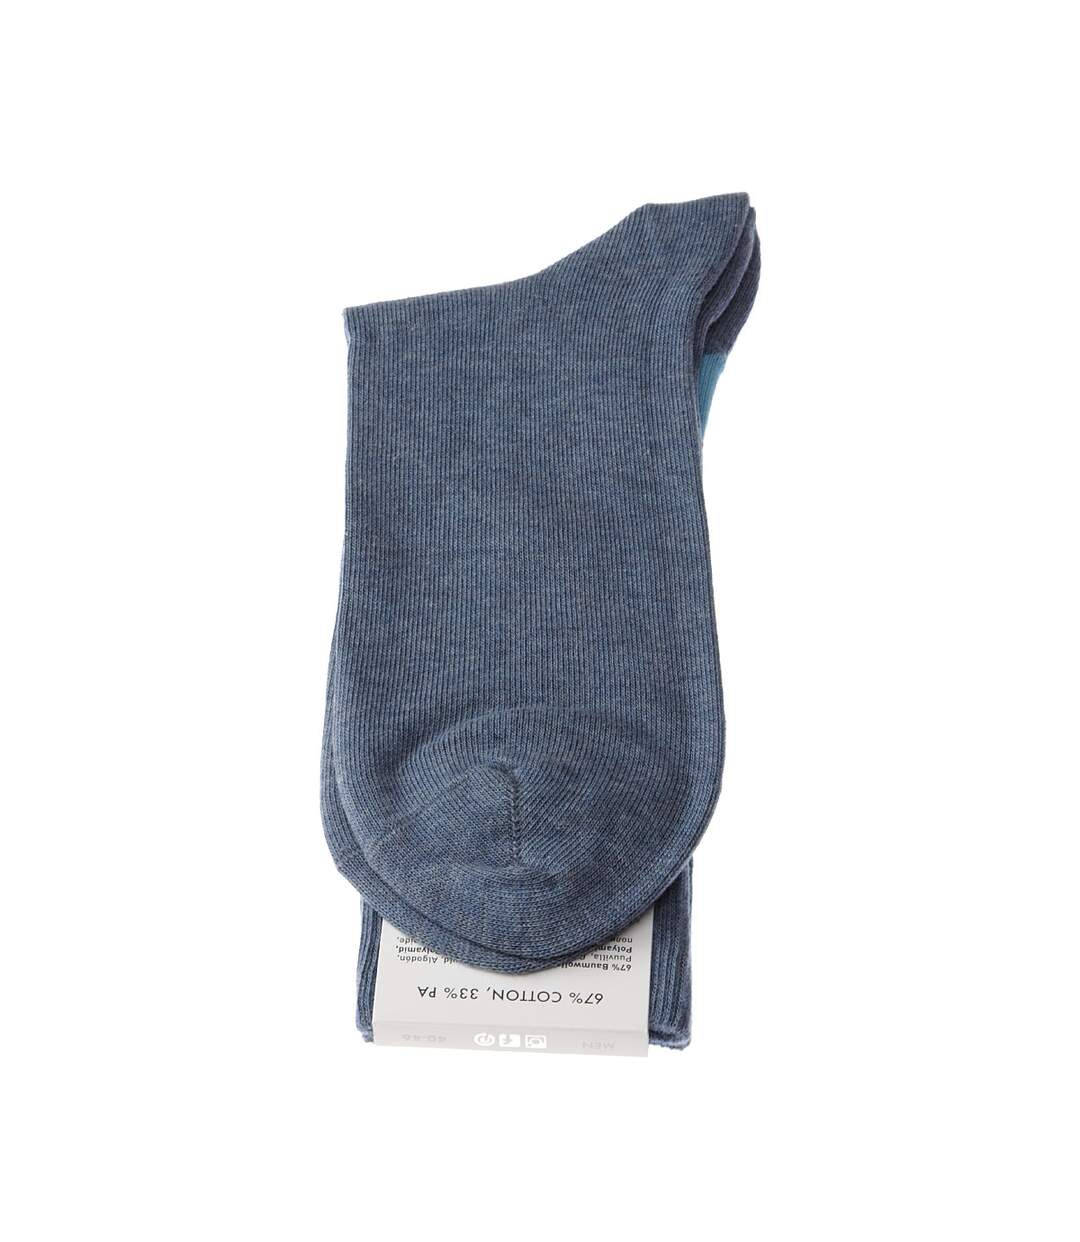 Dégagement Chaussette Mi-Hautes 1 paire Sans bouclette Fashion Coton Bleu King dsf.d455nksdKLFHG